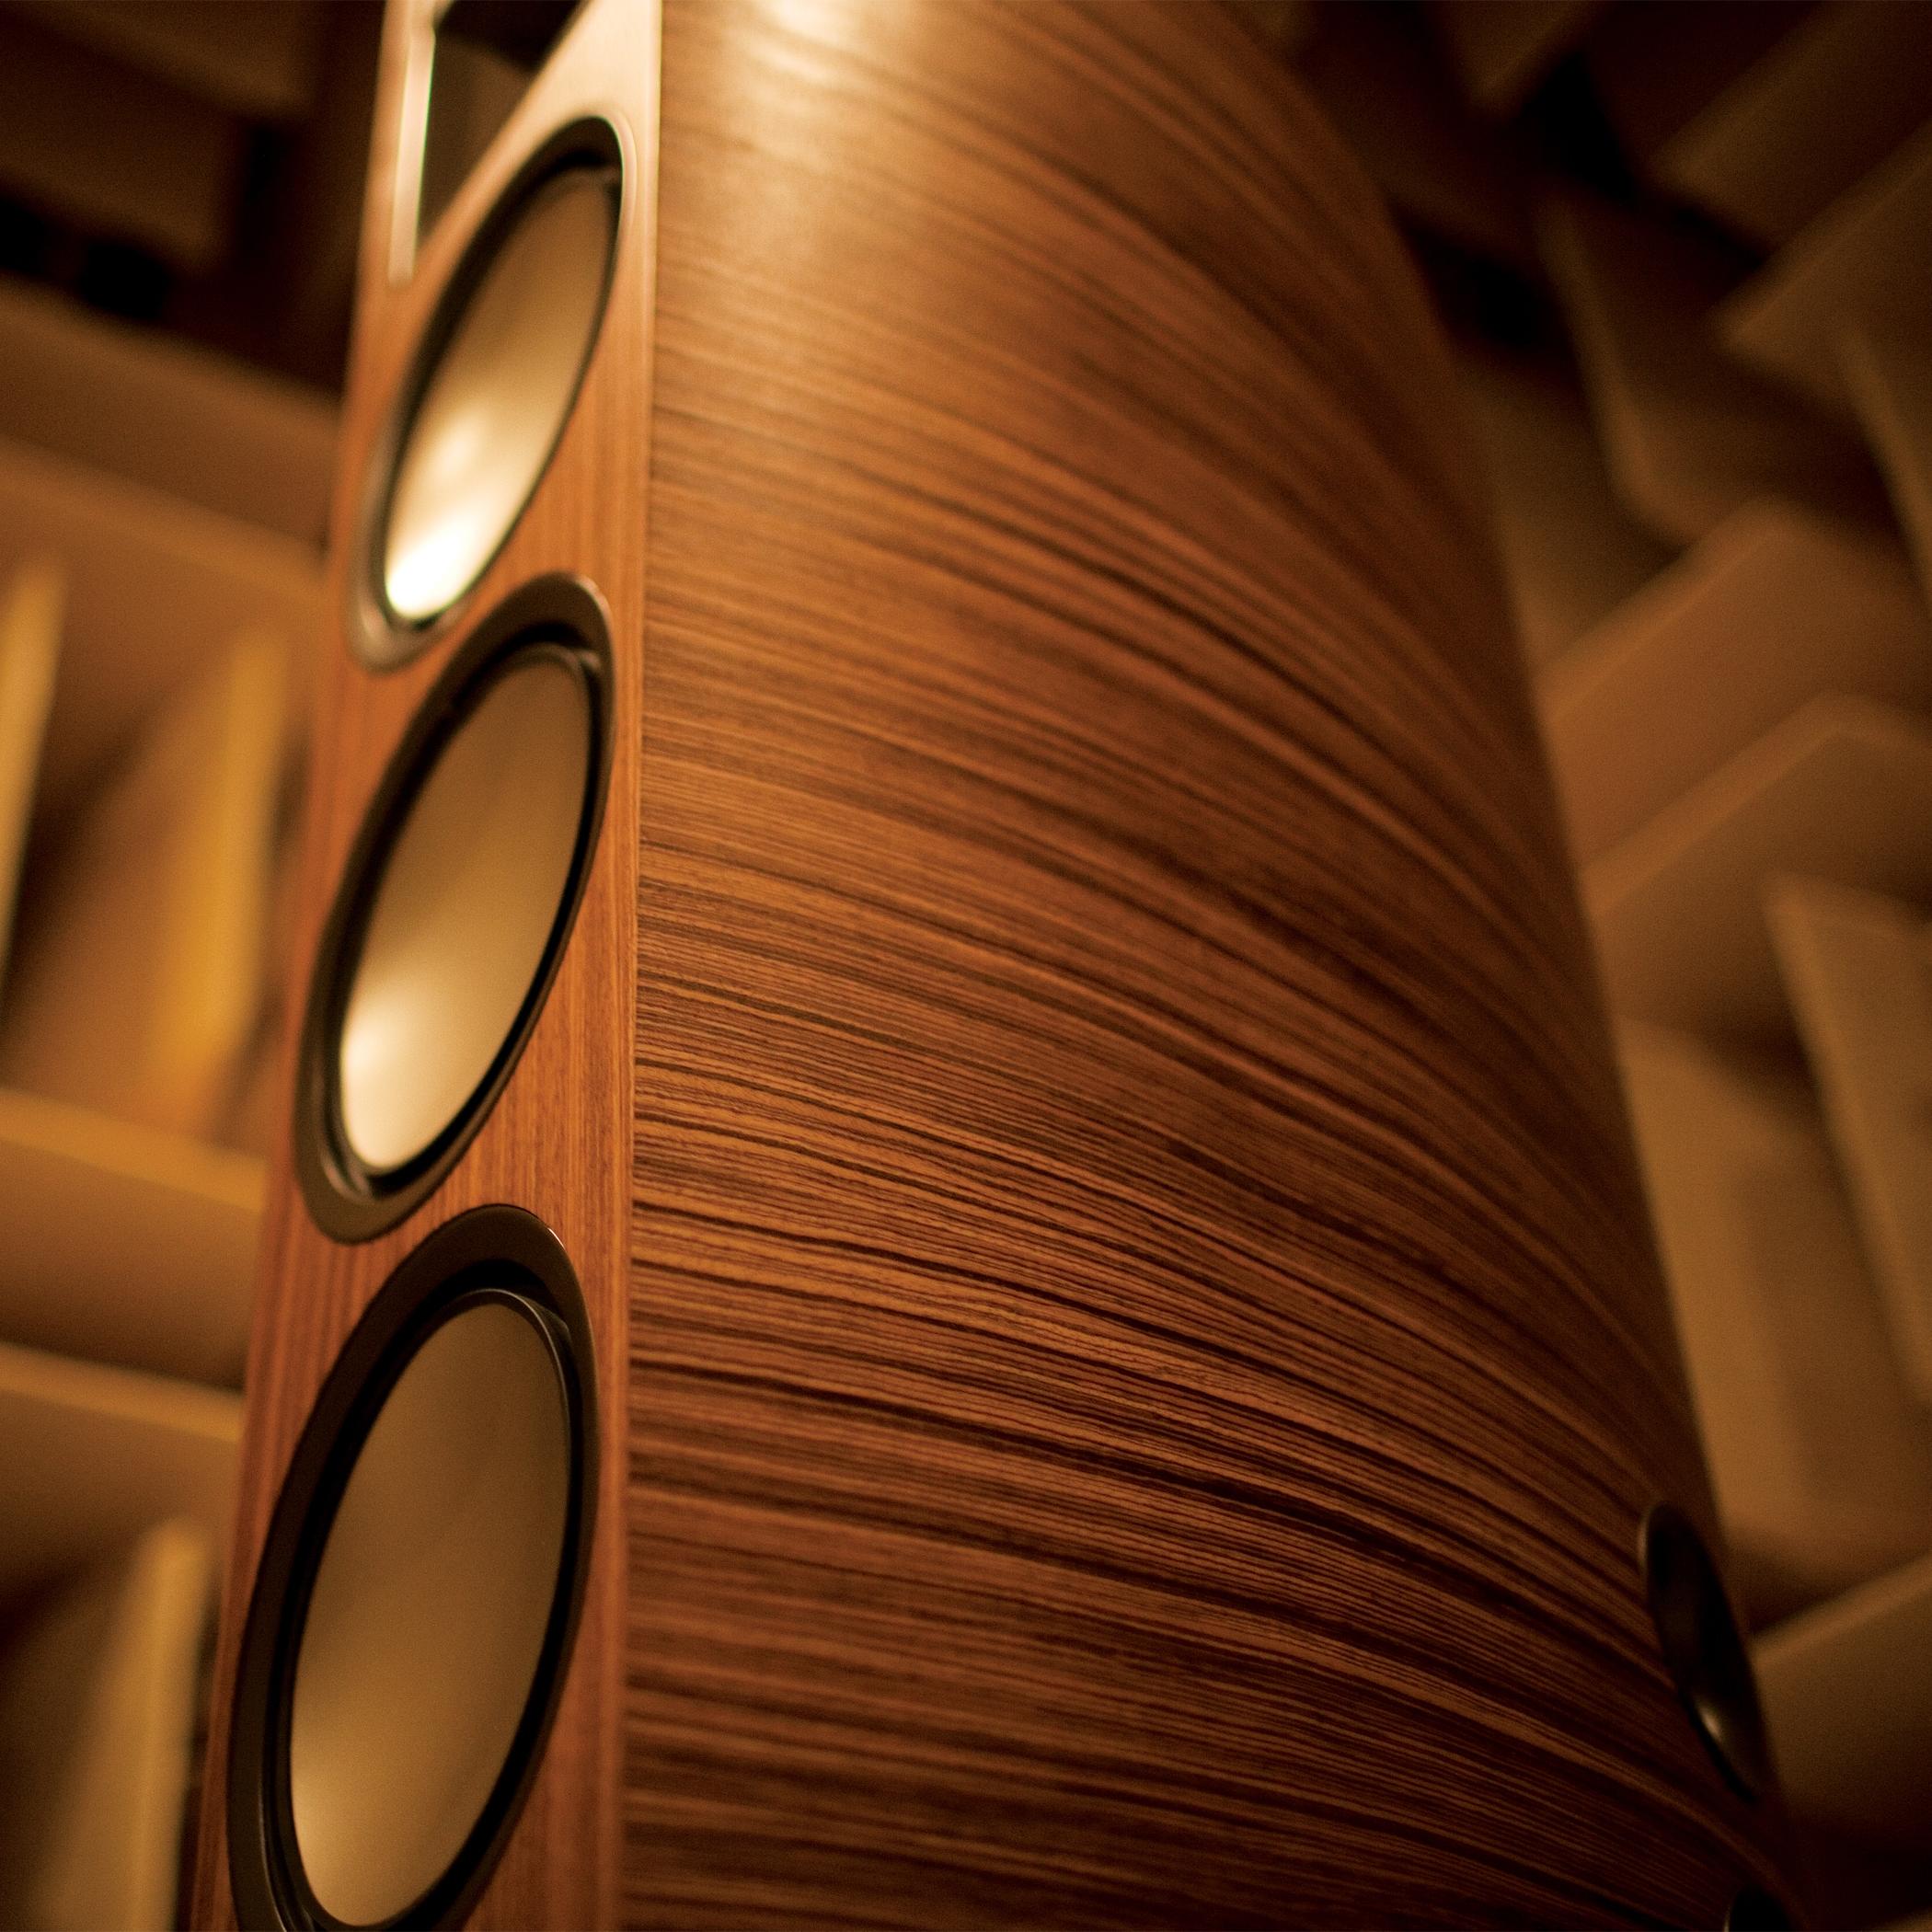 Klipsch Top Of The Line Speakers Wiring Diagrams Palladium Series Rh Com Floor Standing